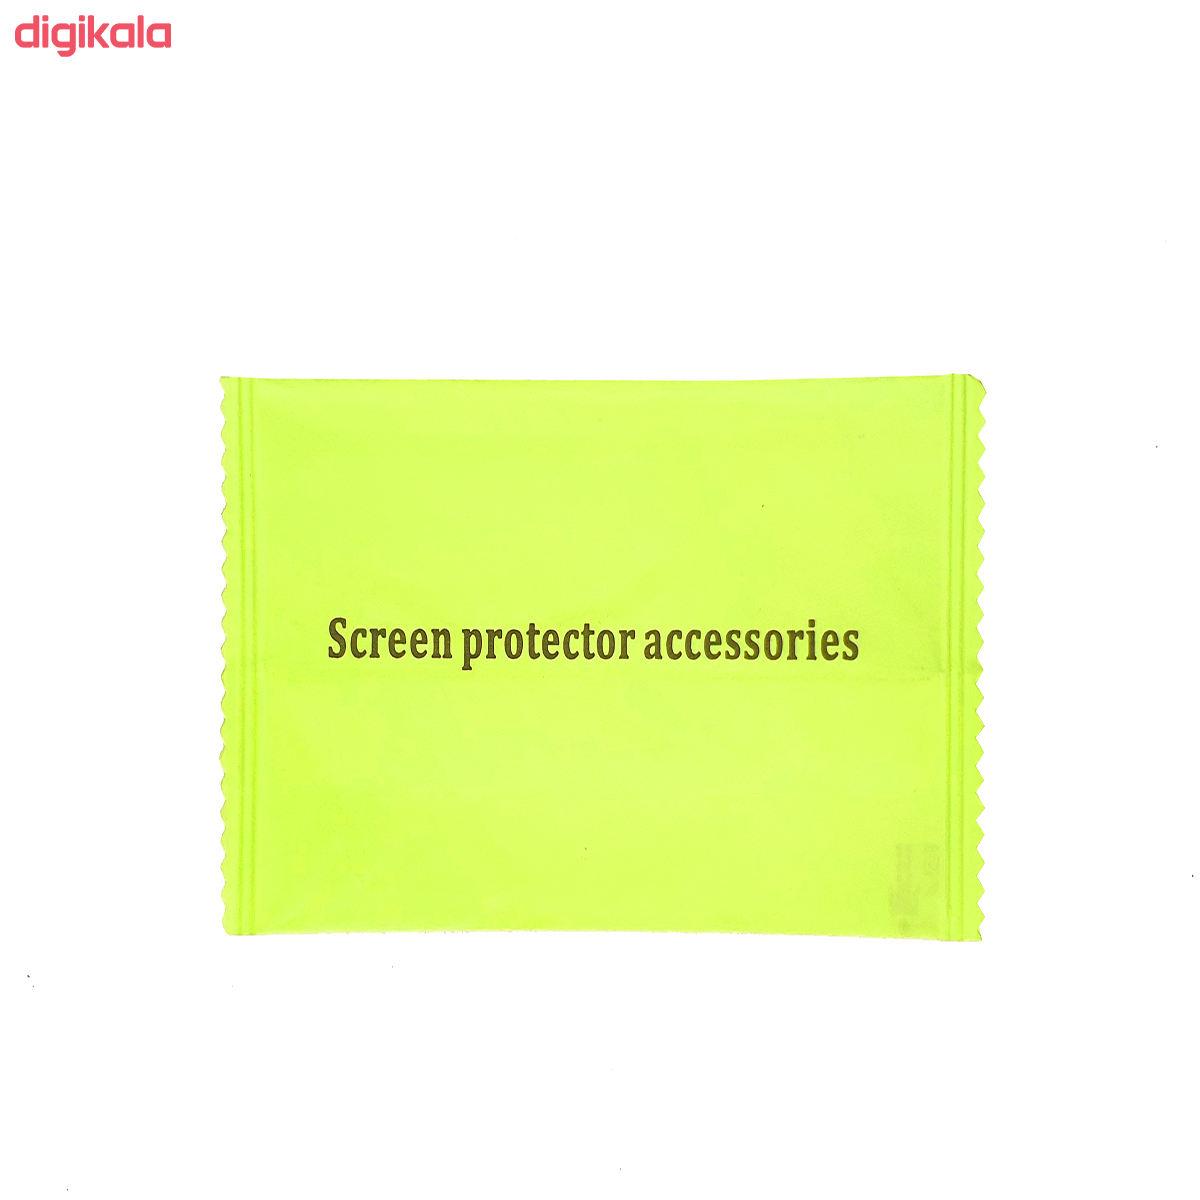 محافظ صفحه نمایش سرامیکی مدل FLCRG01pr مناسب برای گوشی موبایل سامسونگ Galaxy A50 main 1 1